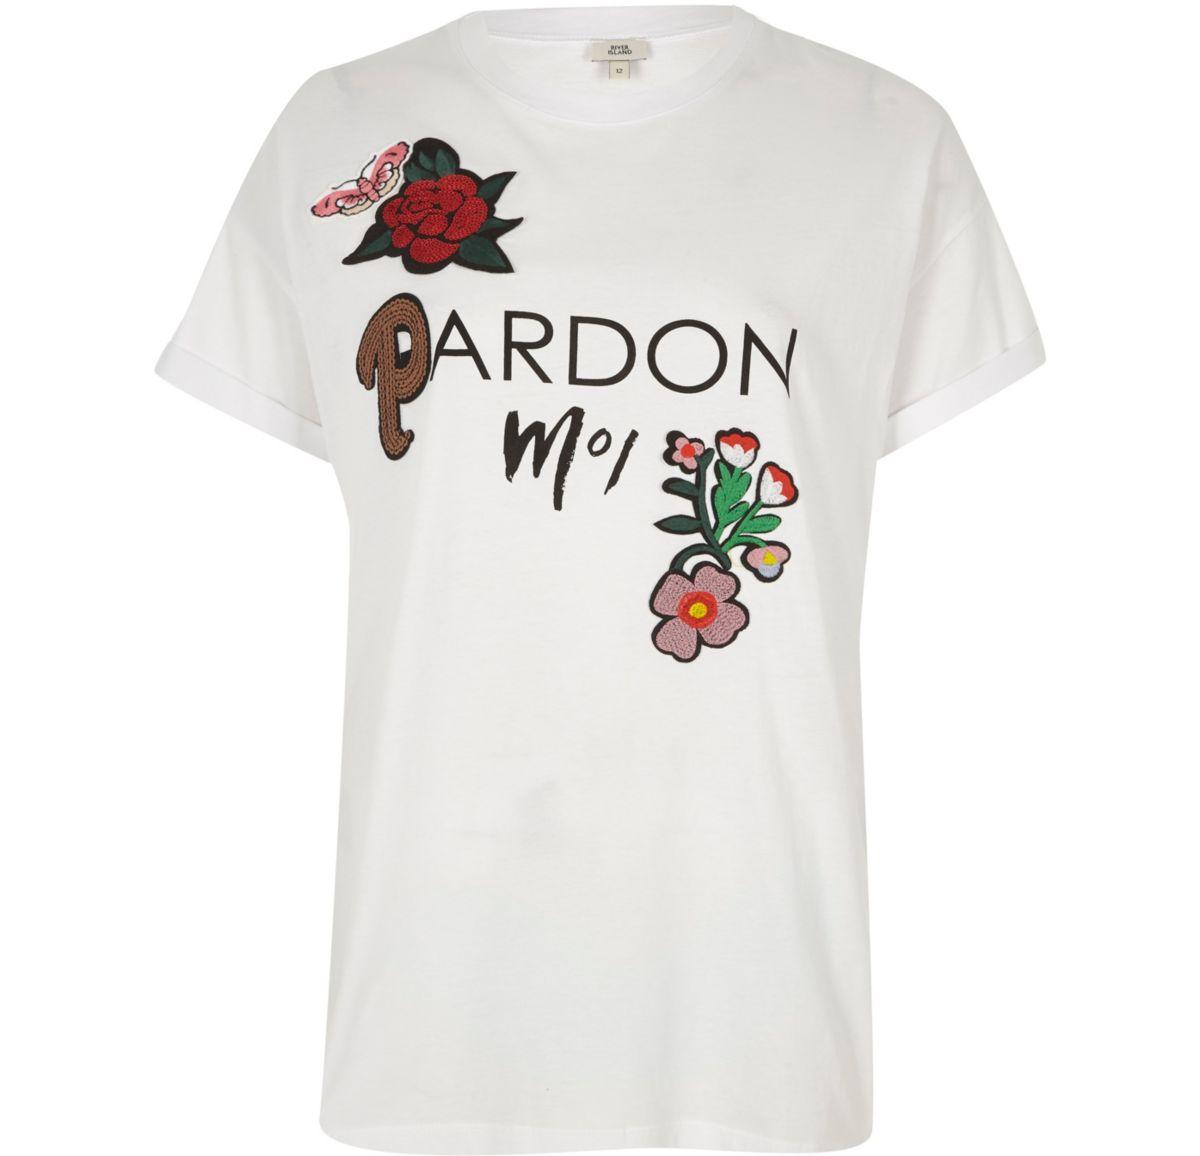 White 'pardon moi' floral appliqué T-shirt